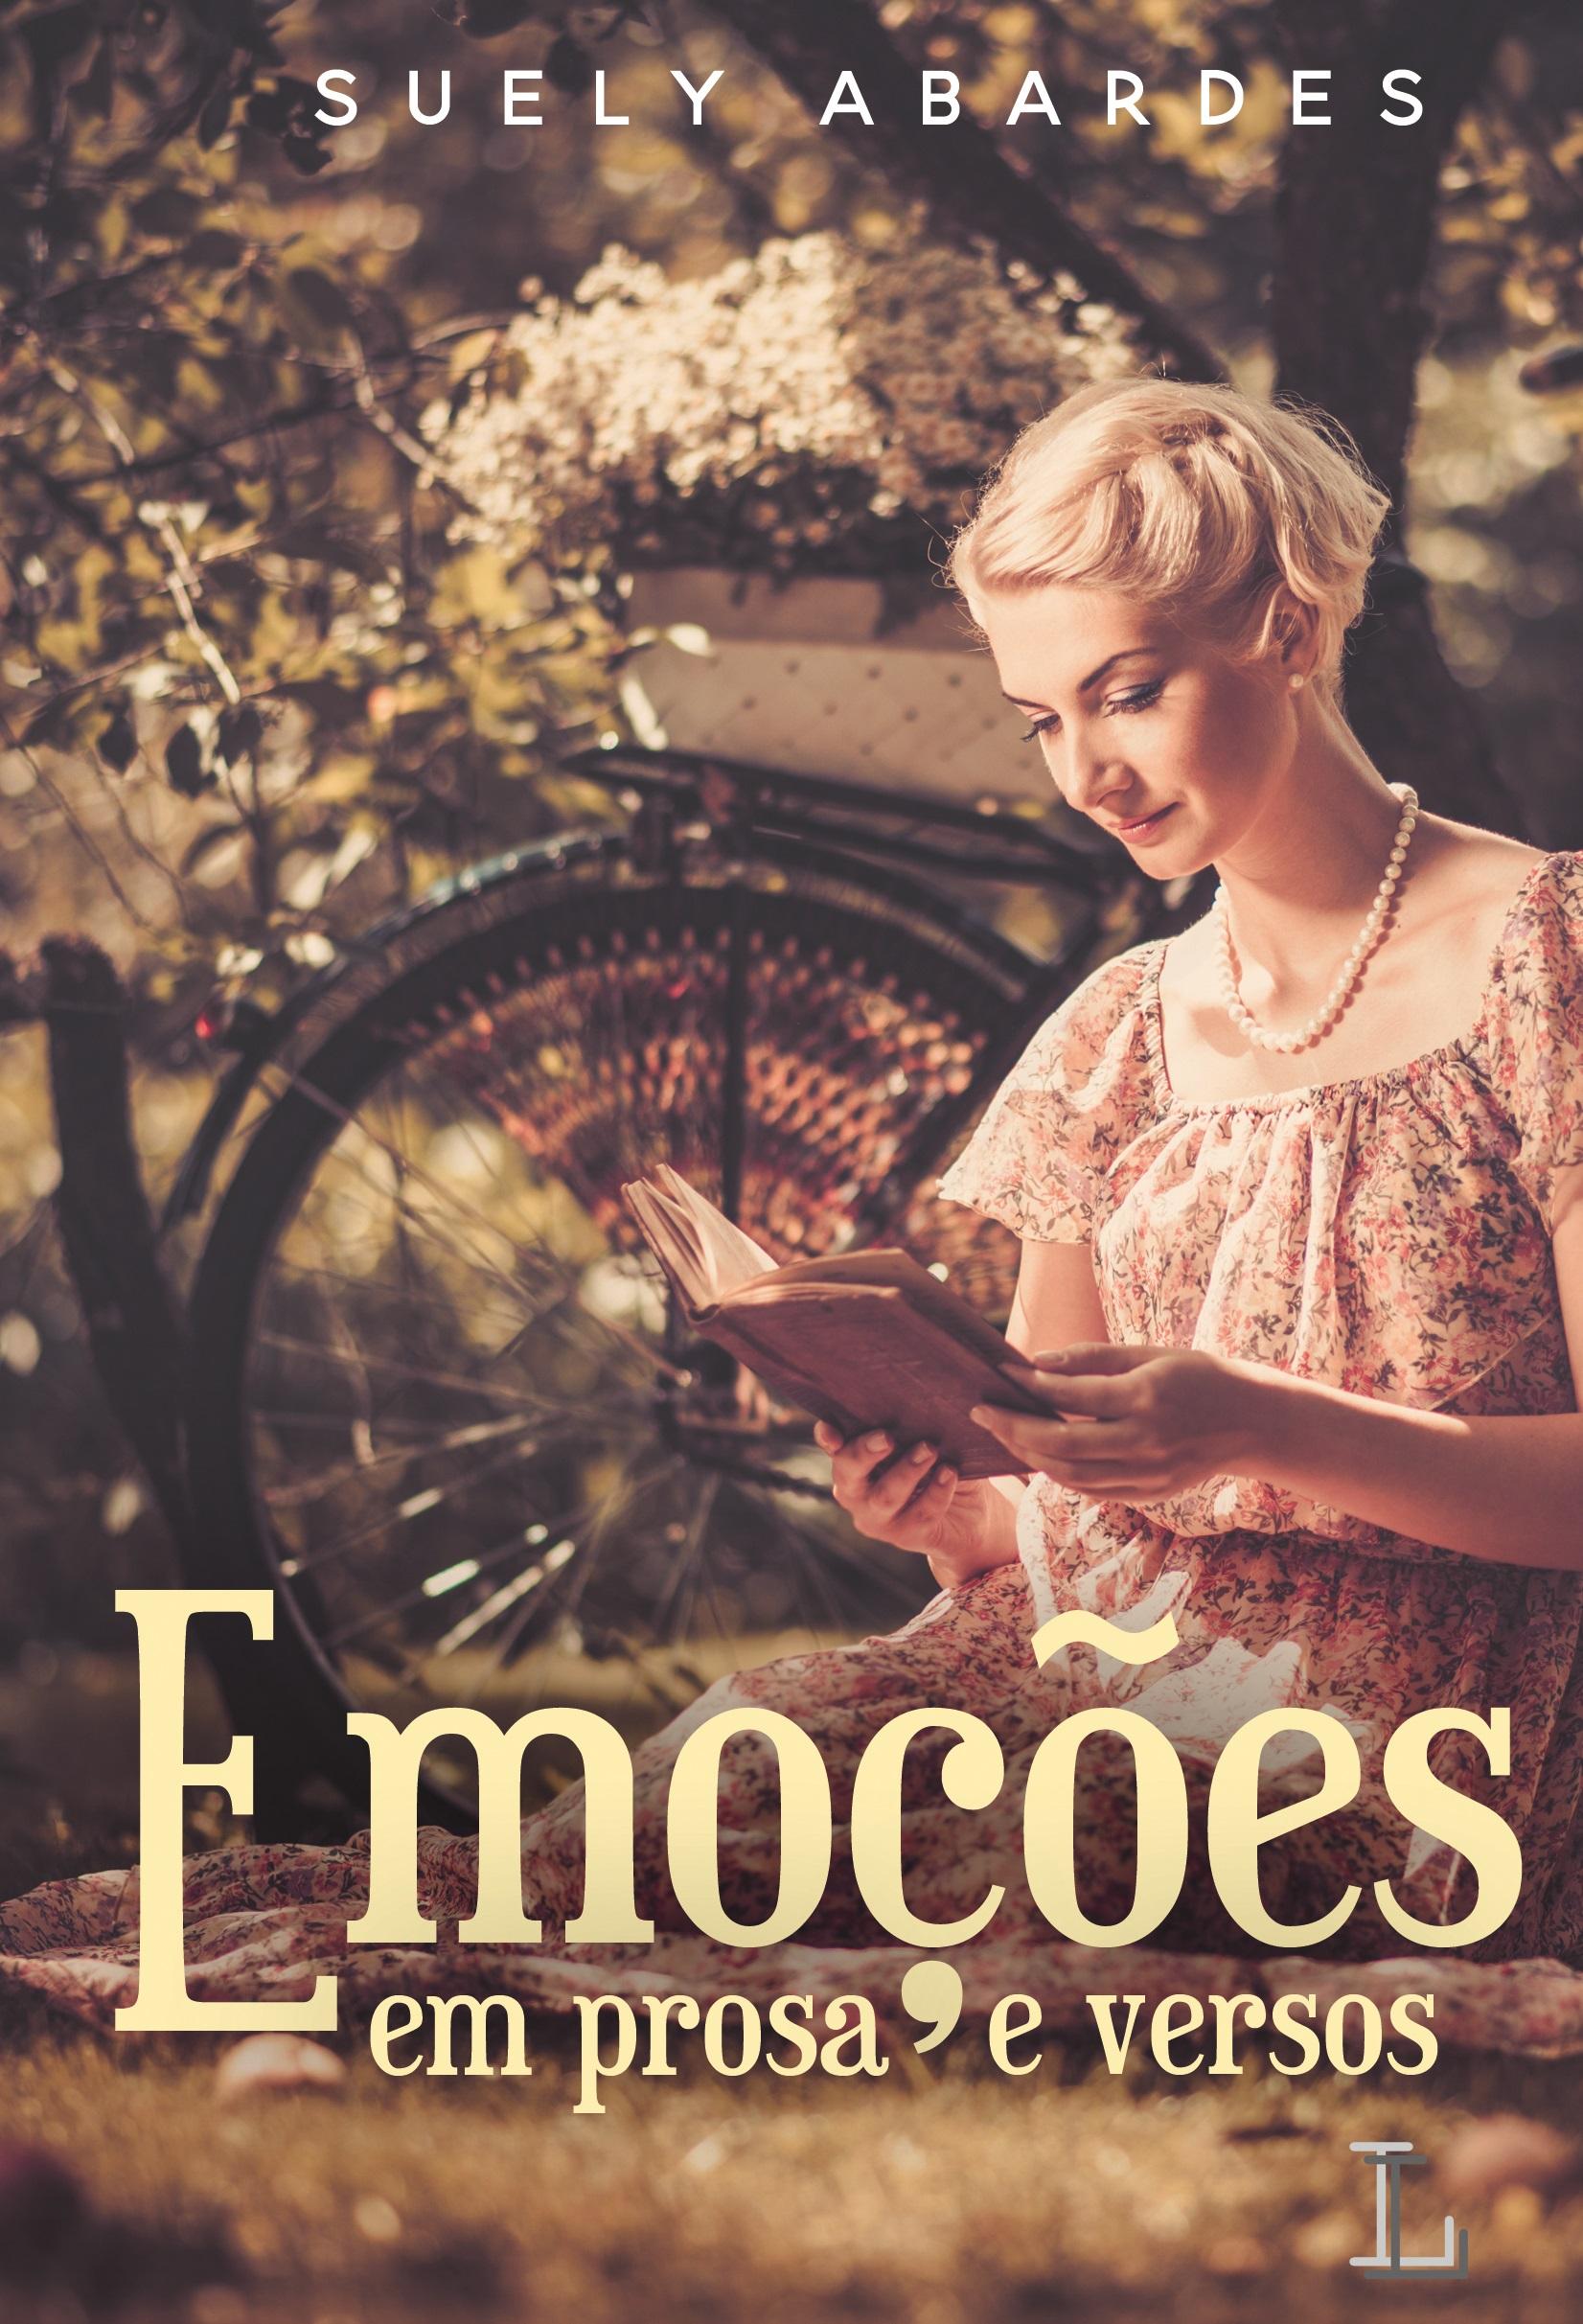 Emoções em prosa e versos